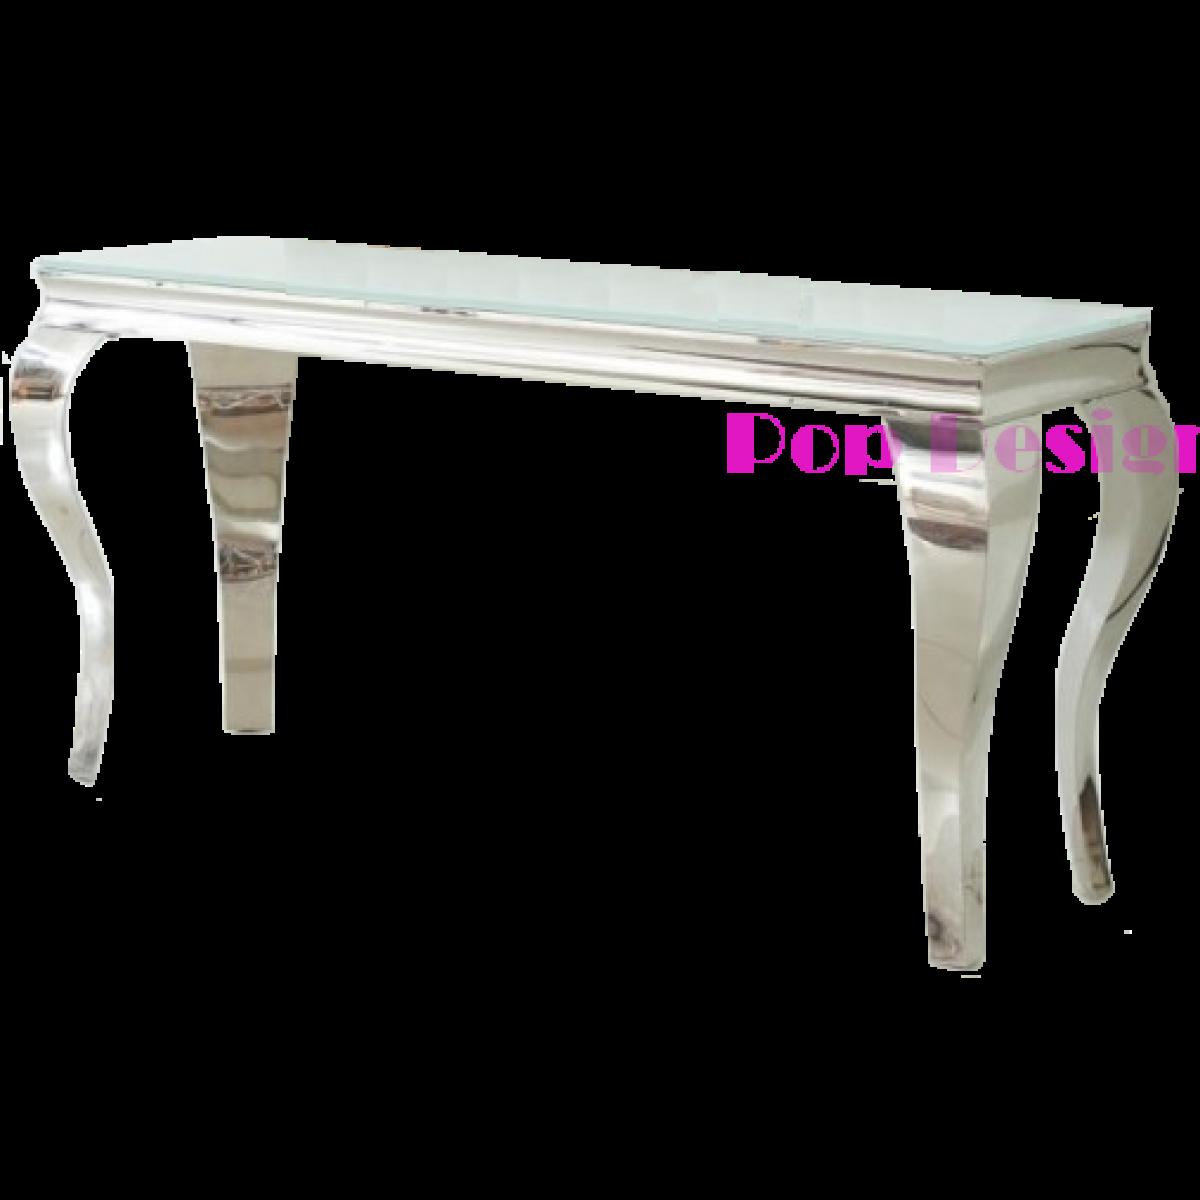 console en verre design best bureau bois console images design free et mtal awesome console. Black Bedroom Furniture Sets. Home Design Ideas